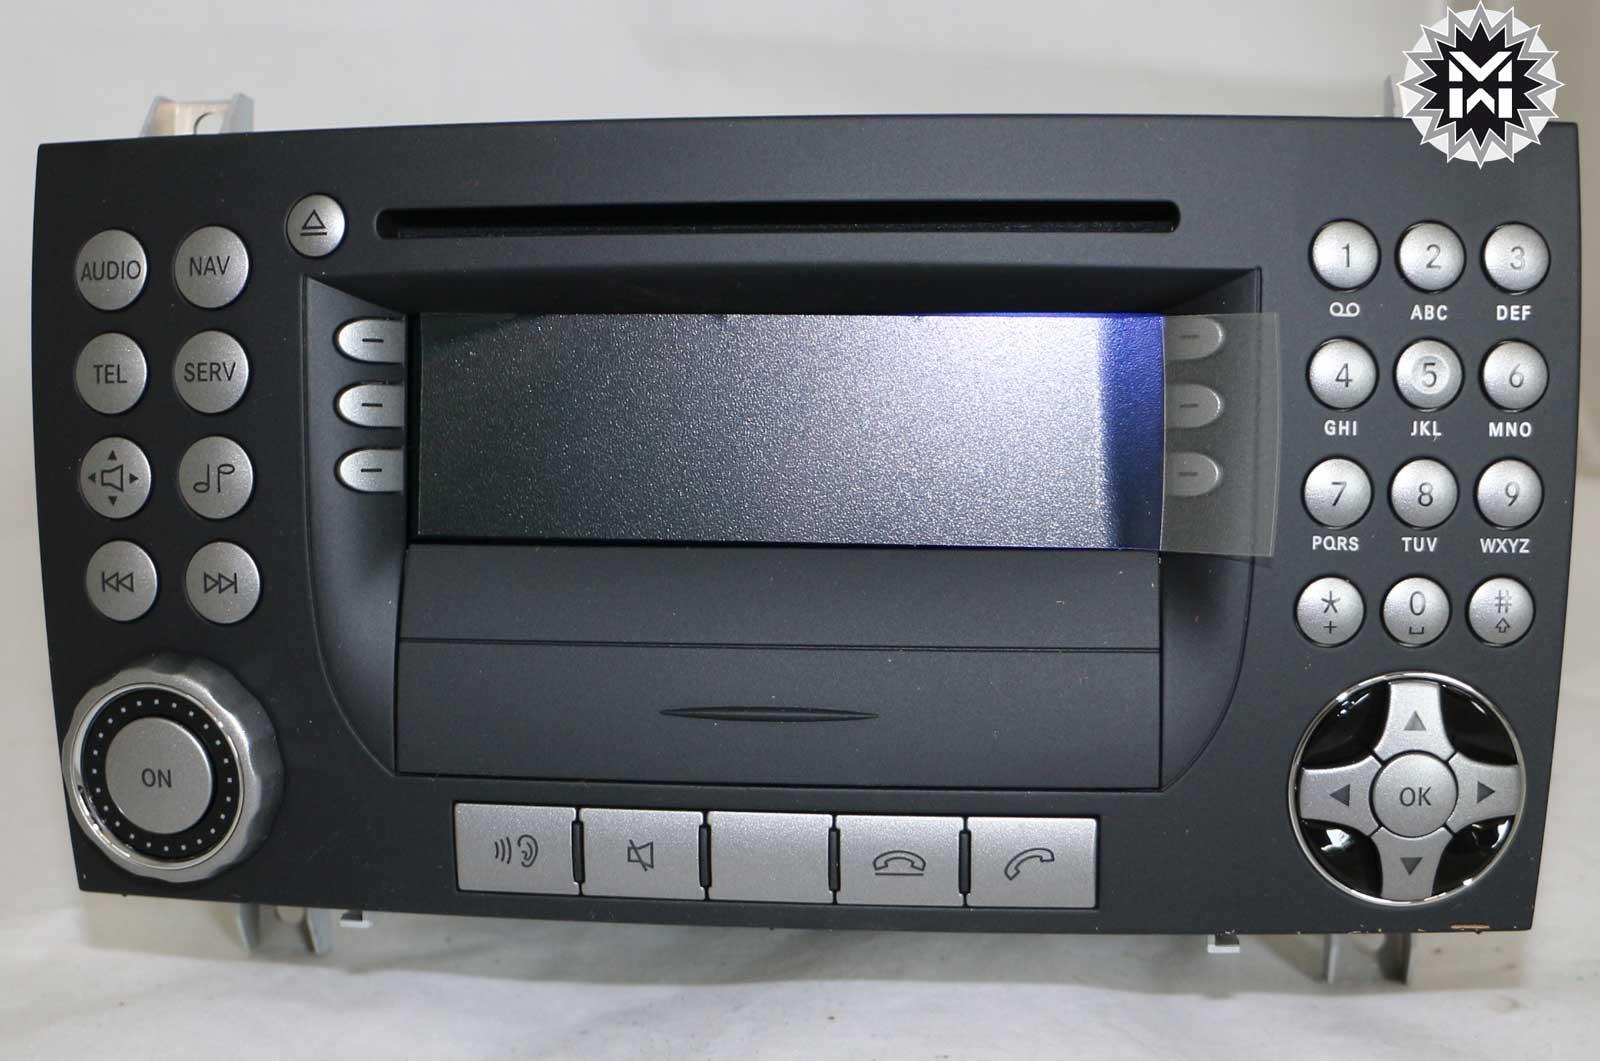 mercedes aps 50 ntg1 slk r171 a1718208189 navi cd spieler. Black Bedroom Furniture Sets. Home Design Ideas